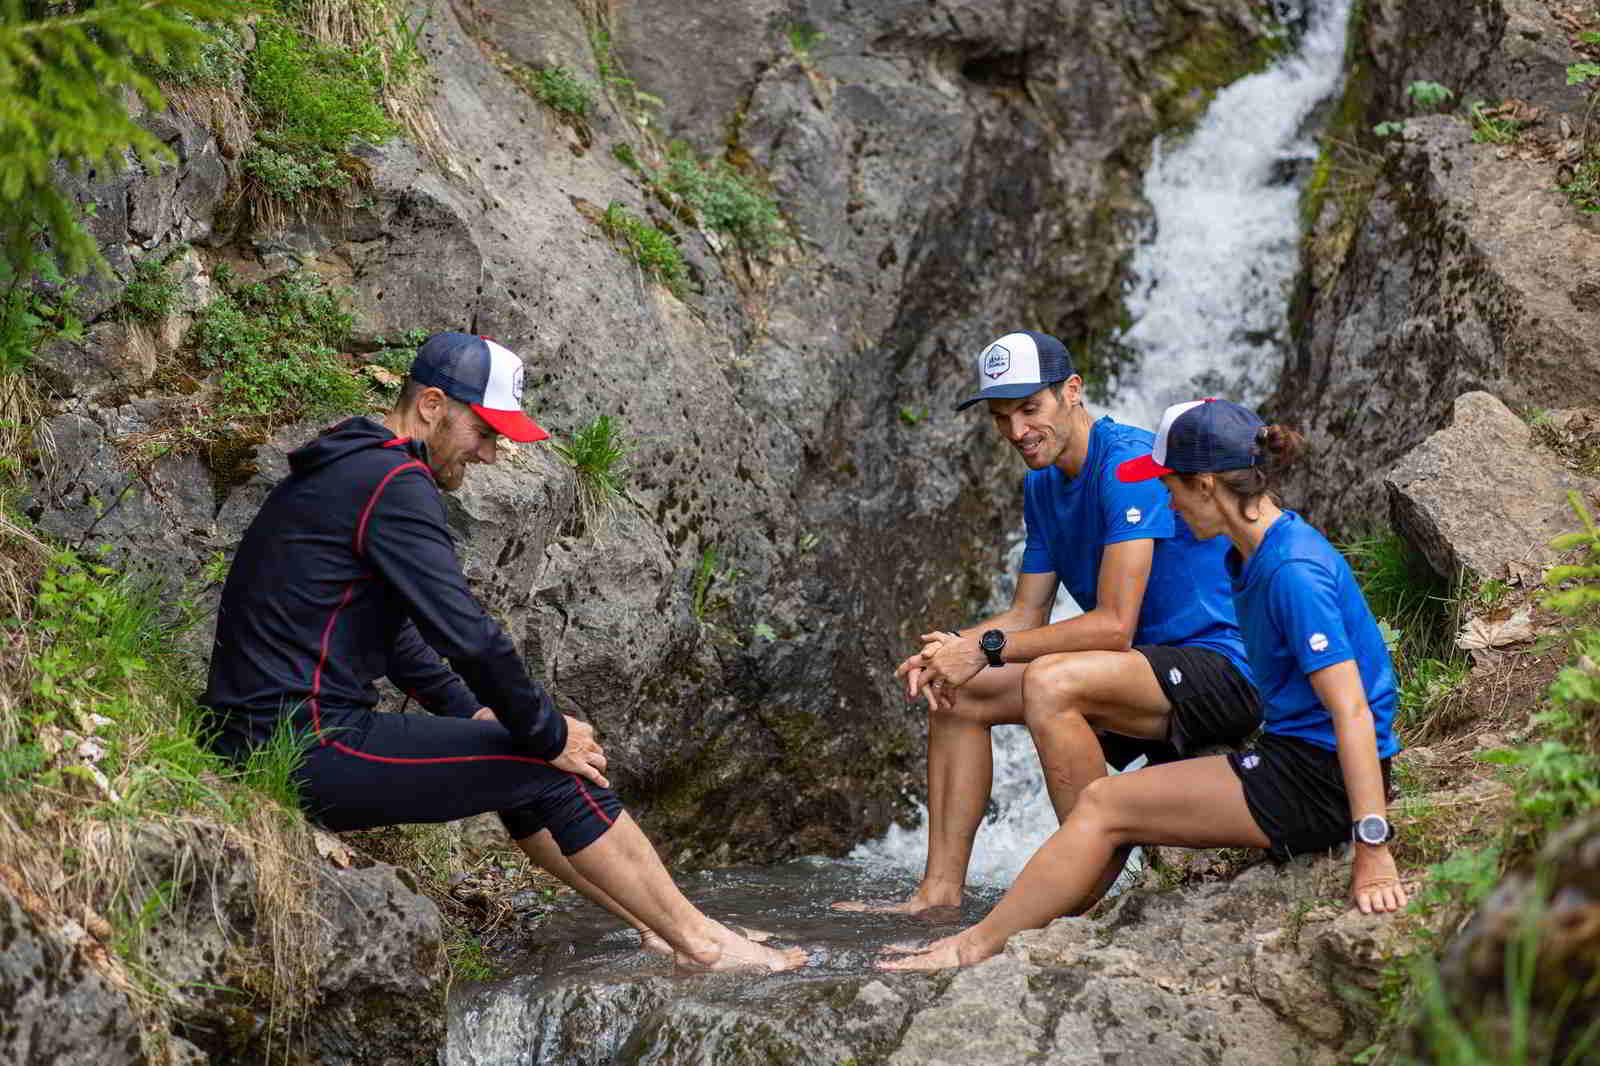 OGARUN -Les trois les pieds dans l'eau - porté par Nicolas, PA et Lucie - copyright OGARUN